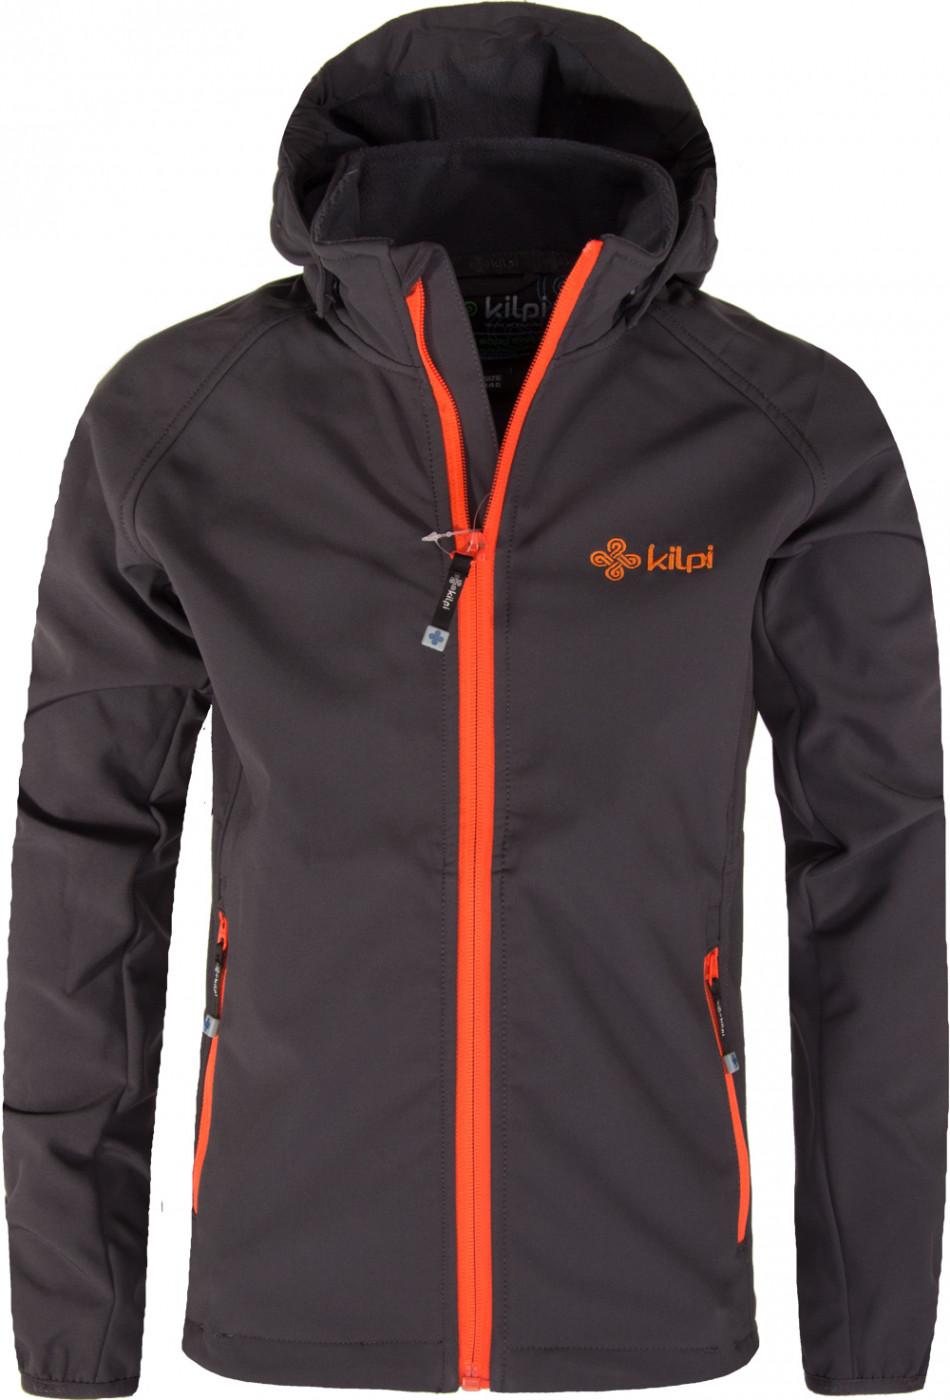 Boy's Softshell jacket Kilpi Elio-J